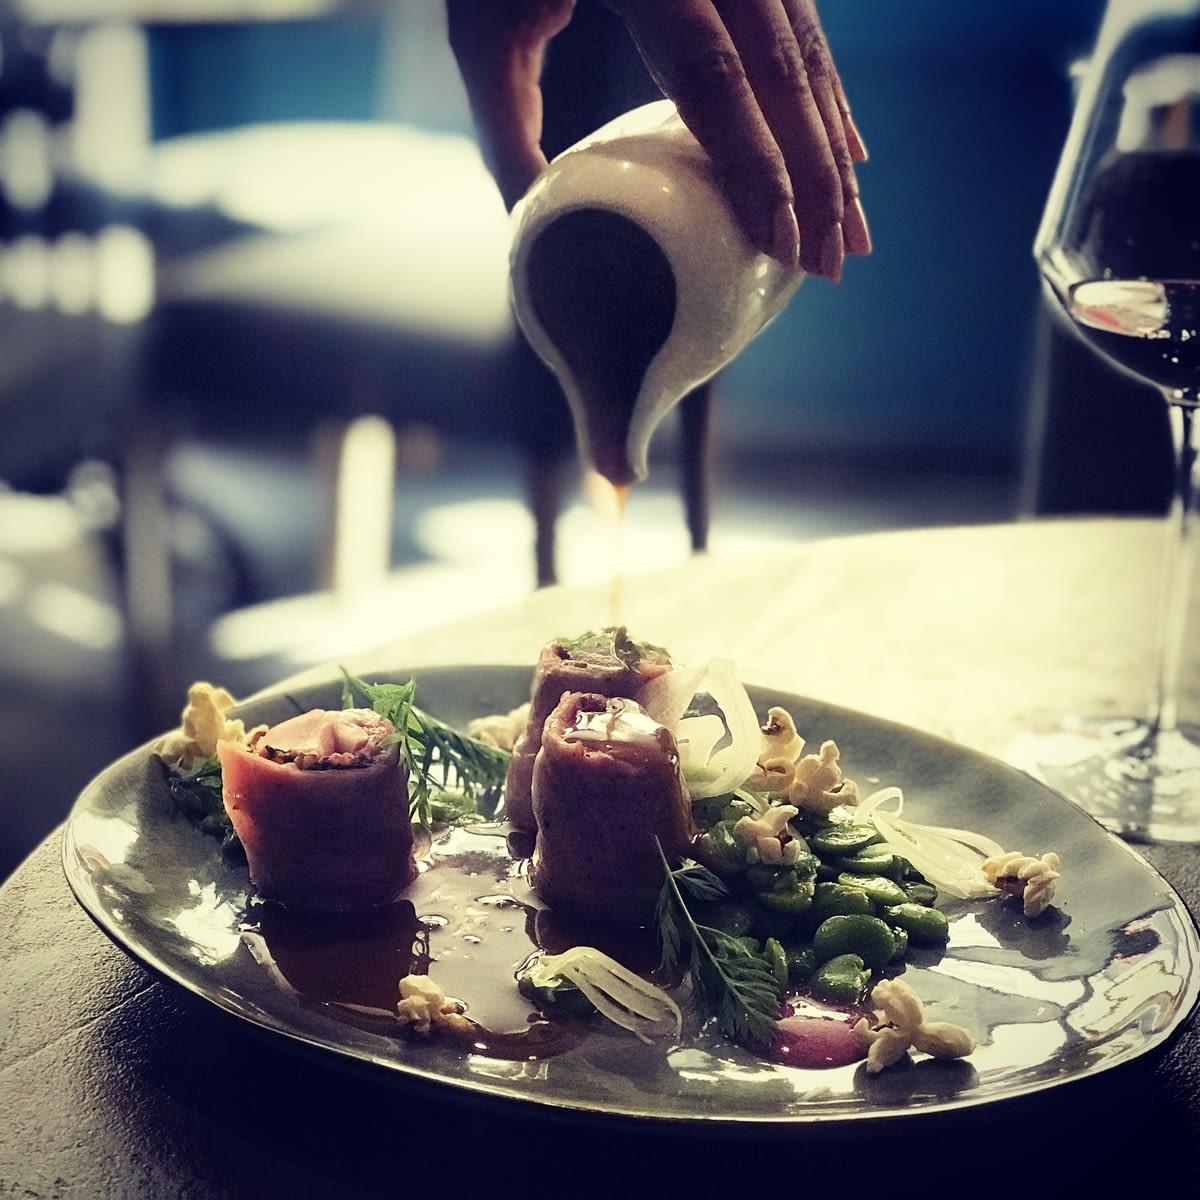 02 - Restaurant Vivre - plat - 3 rue de la Michodière 75002 Paris